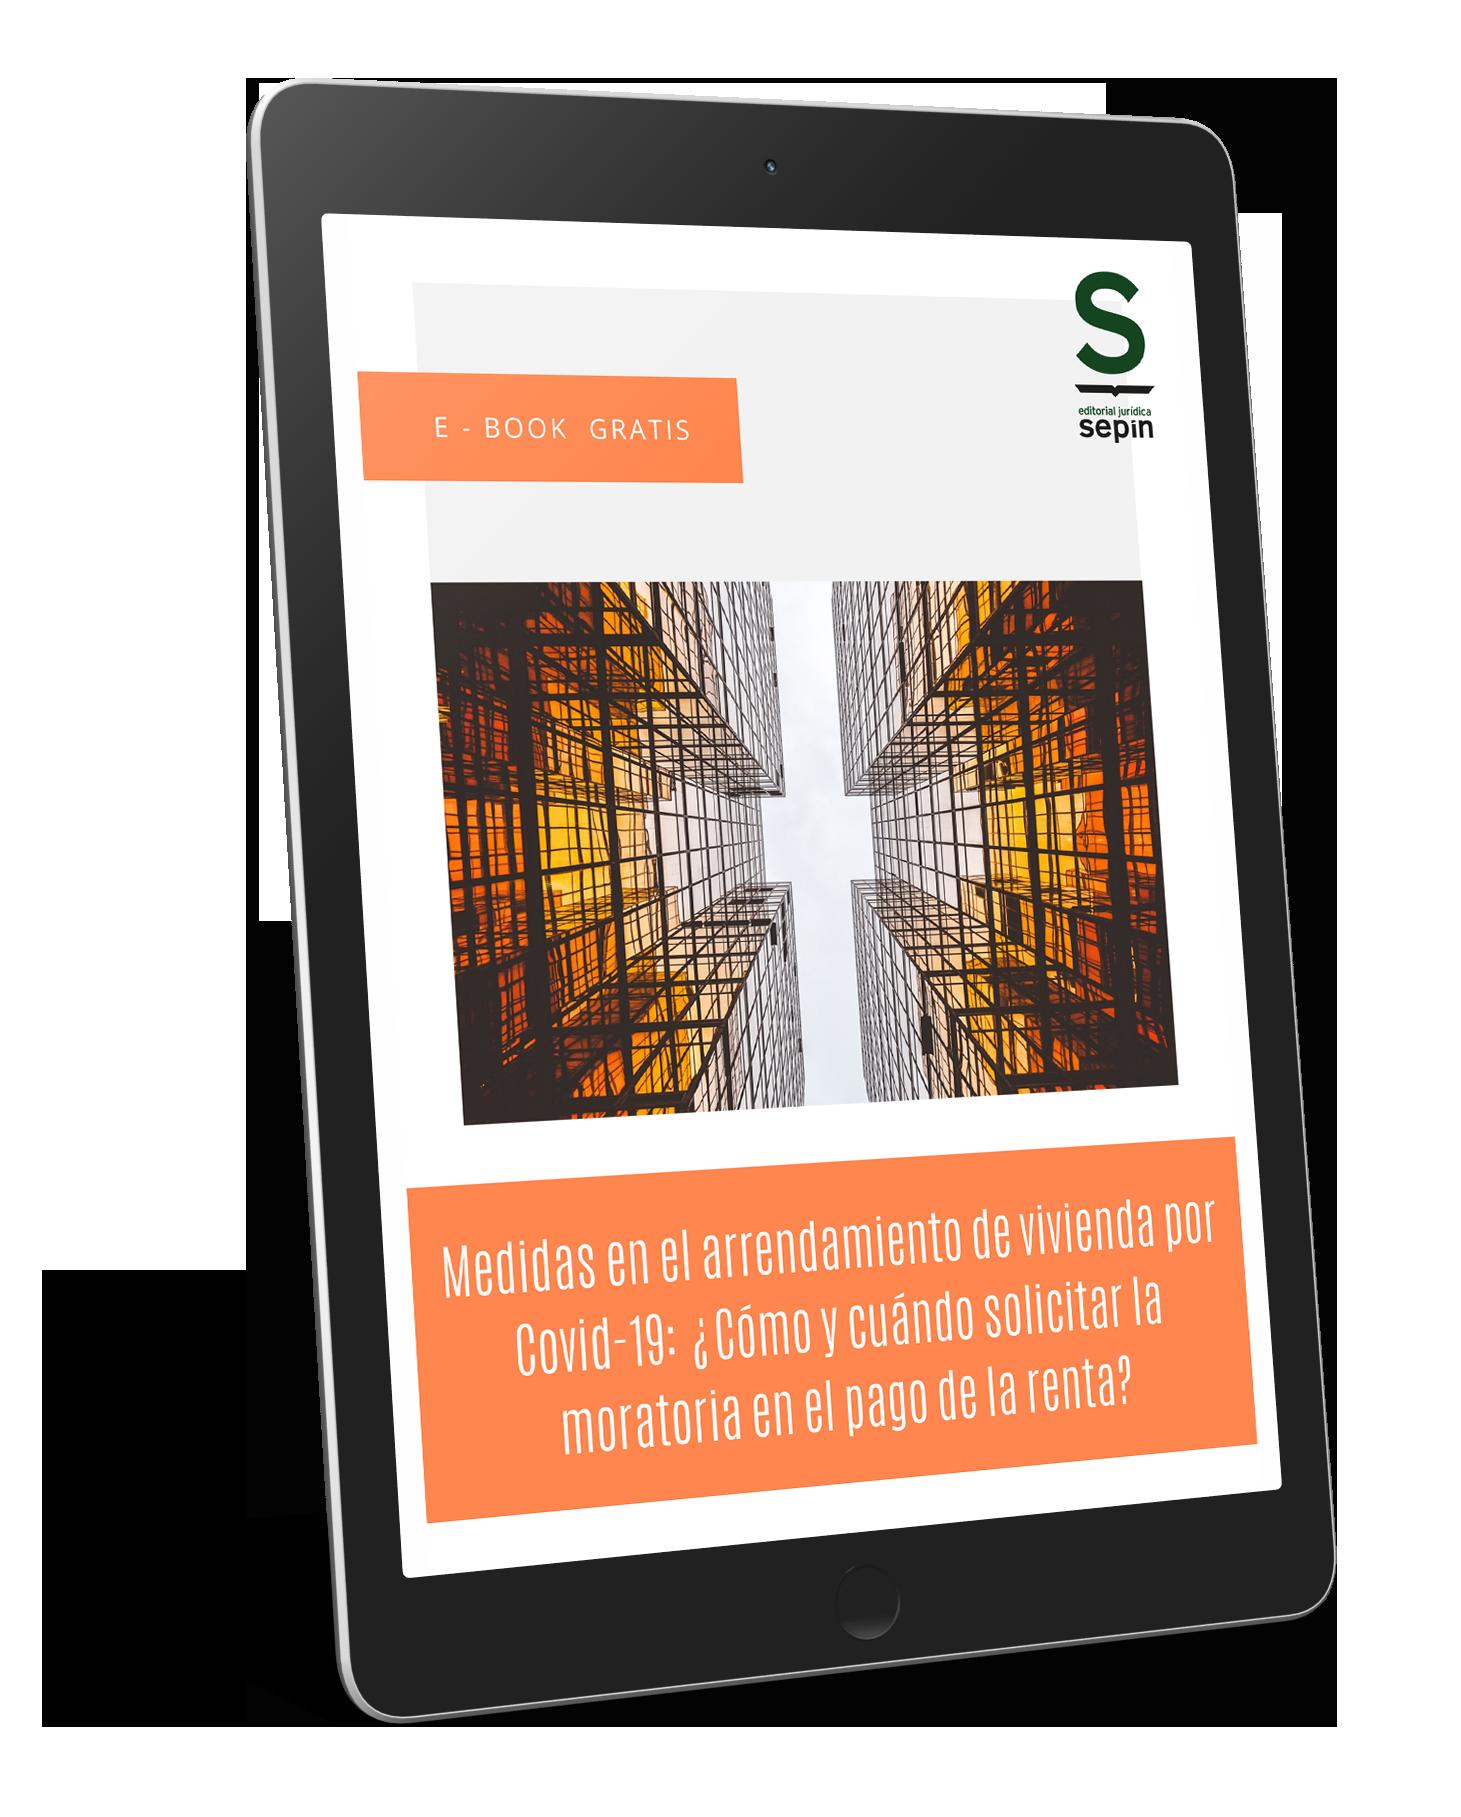 Ebook Medidas en el arrendamiento de vivienda por Covid-19 Cómo y cuándo solicitar la moratoria en el pago de la renta